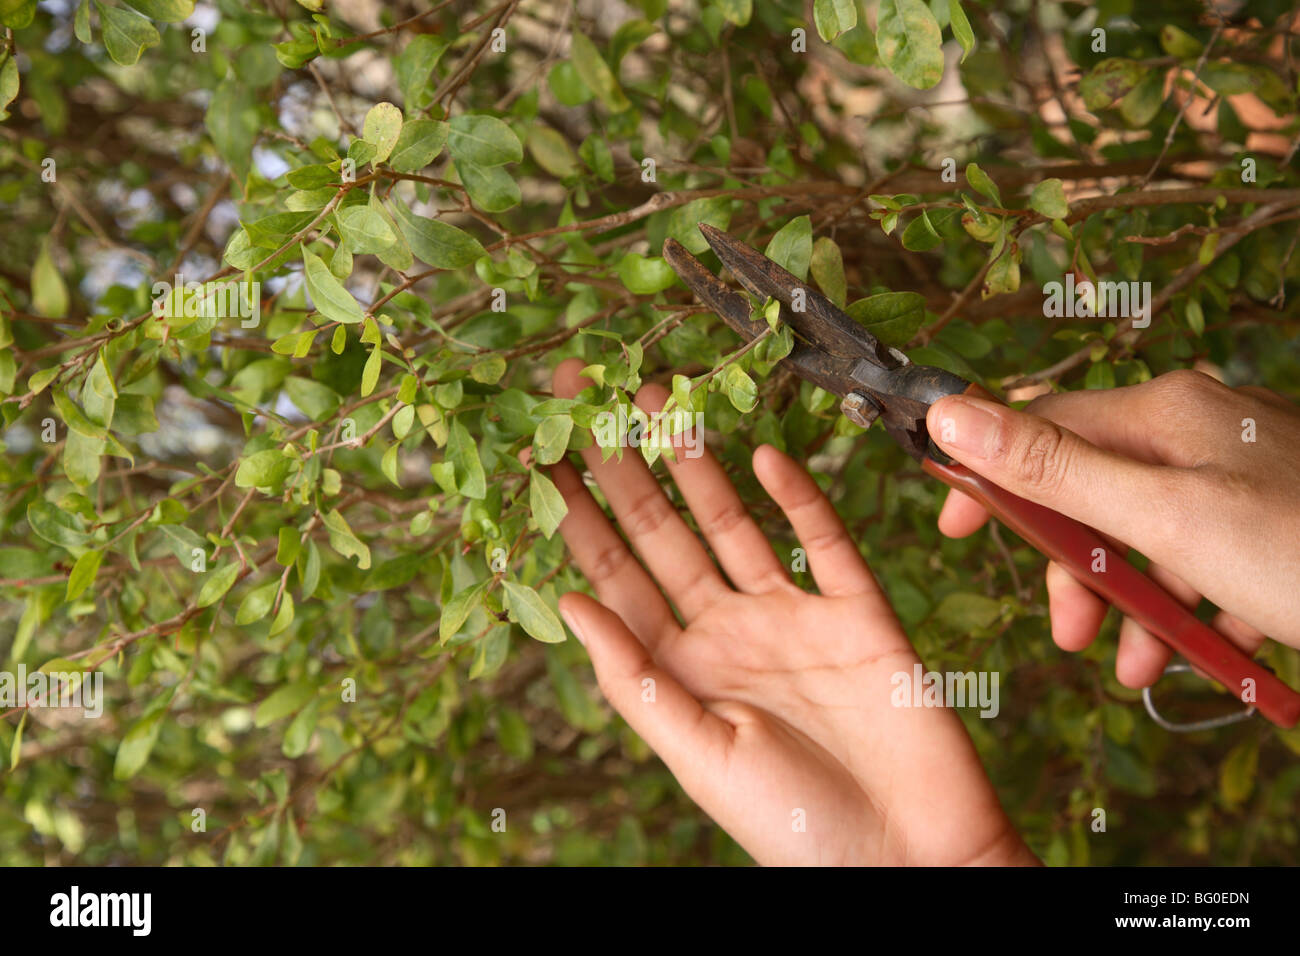 Mehend Plante, utilisé pour l'art corporel au henné indien Photo Stock